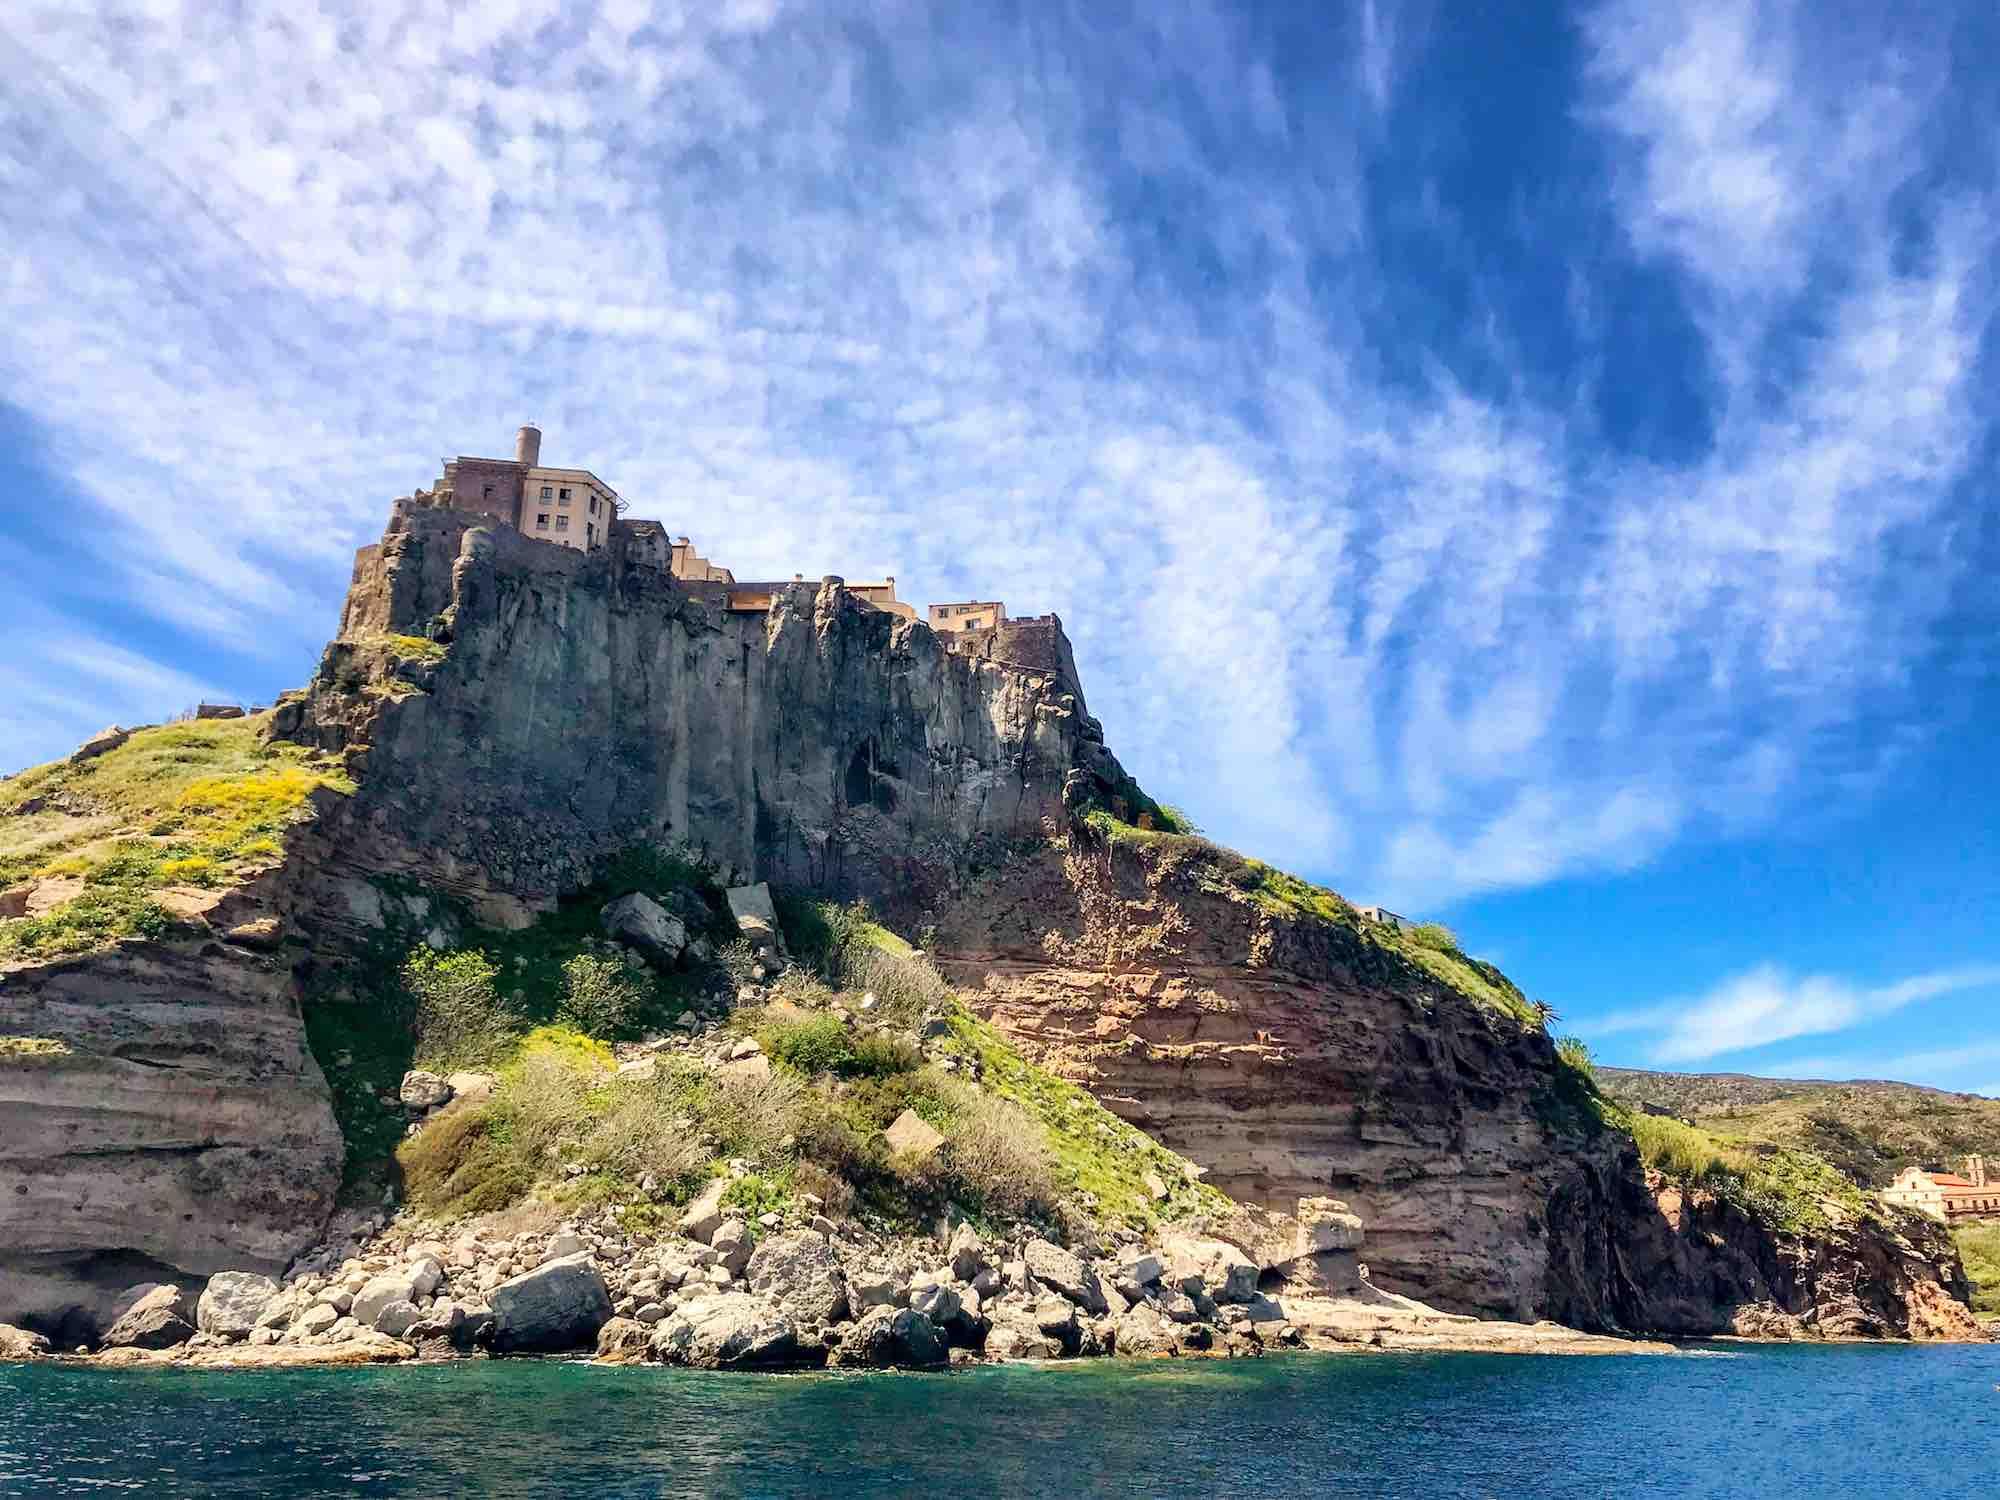 Castello sull'isola di Capraia nell'Arcipelago toscano